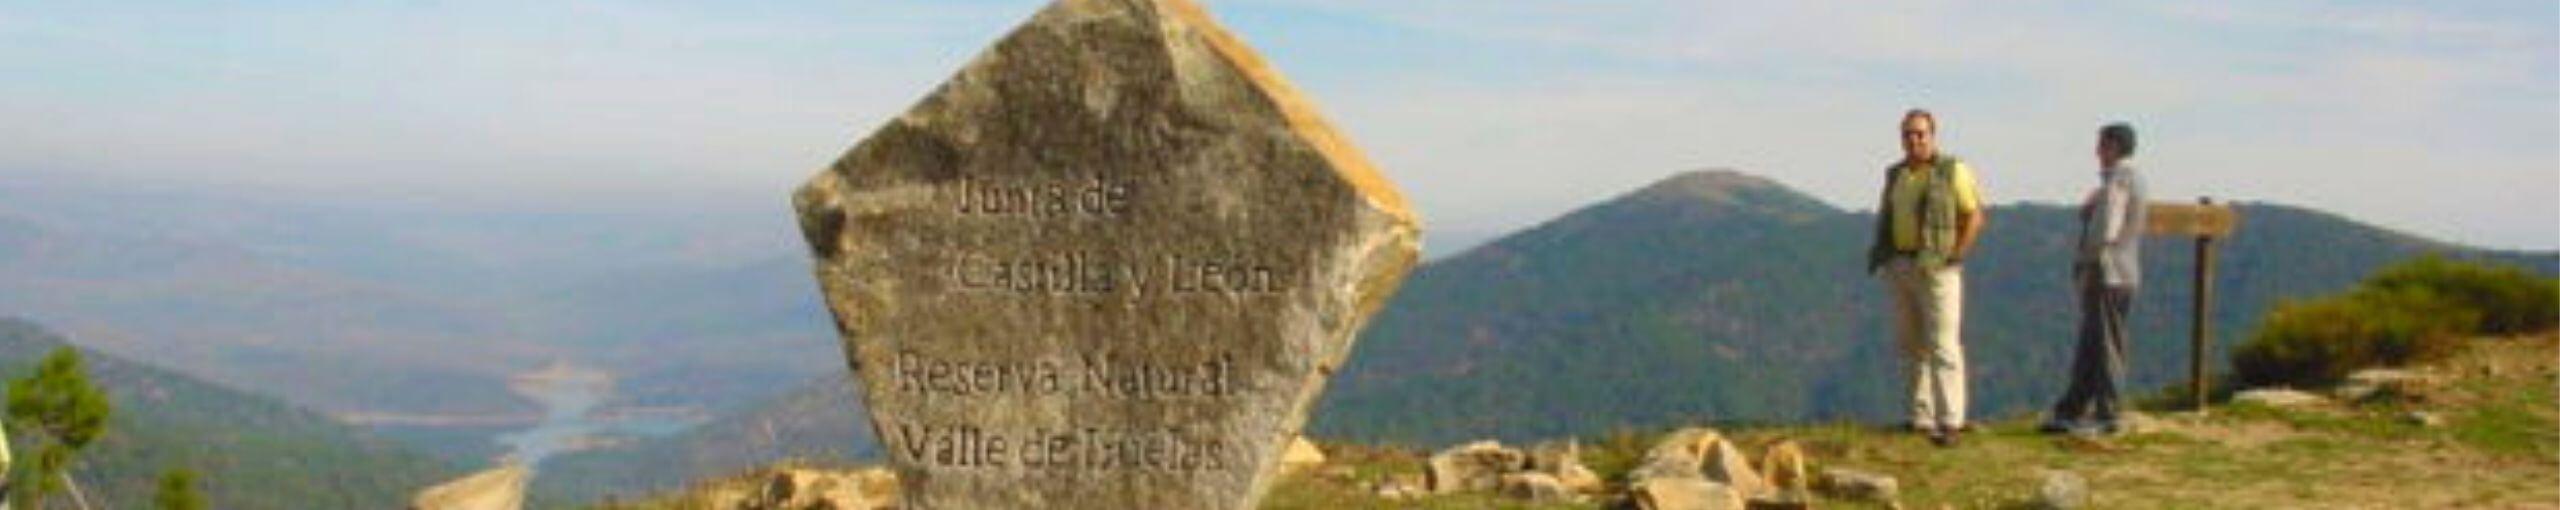 Puerto de Casillas, Valle de Iruelas. Ávila, Castilla y León.